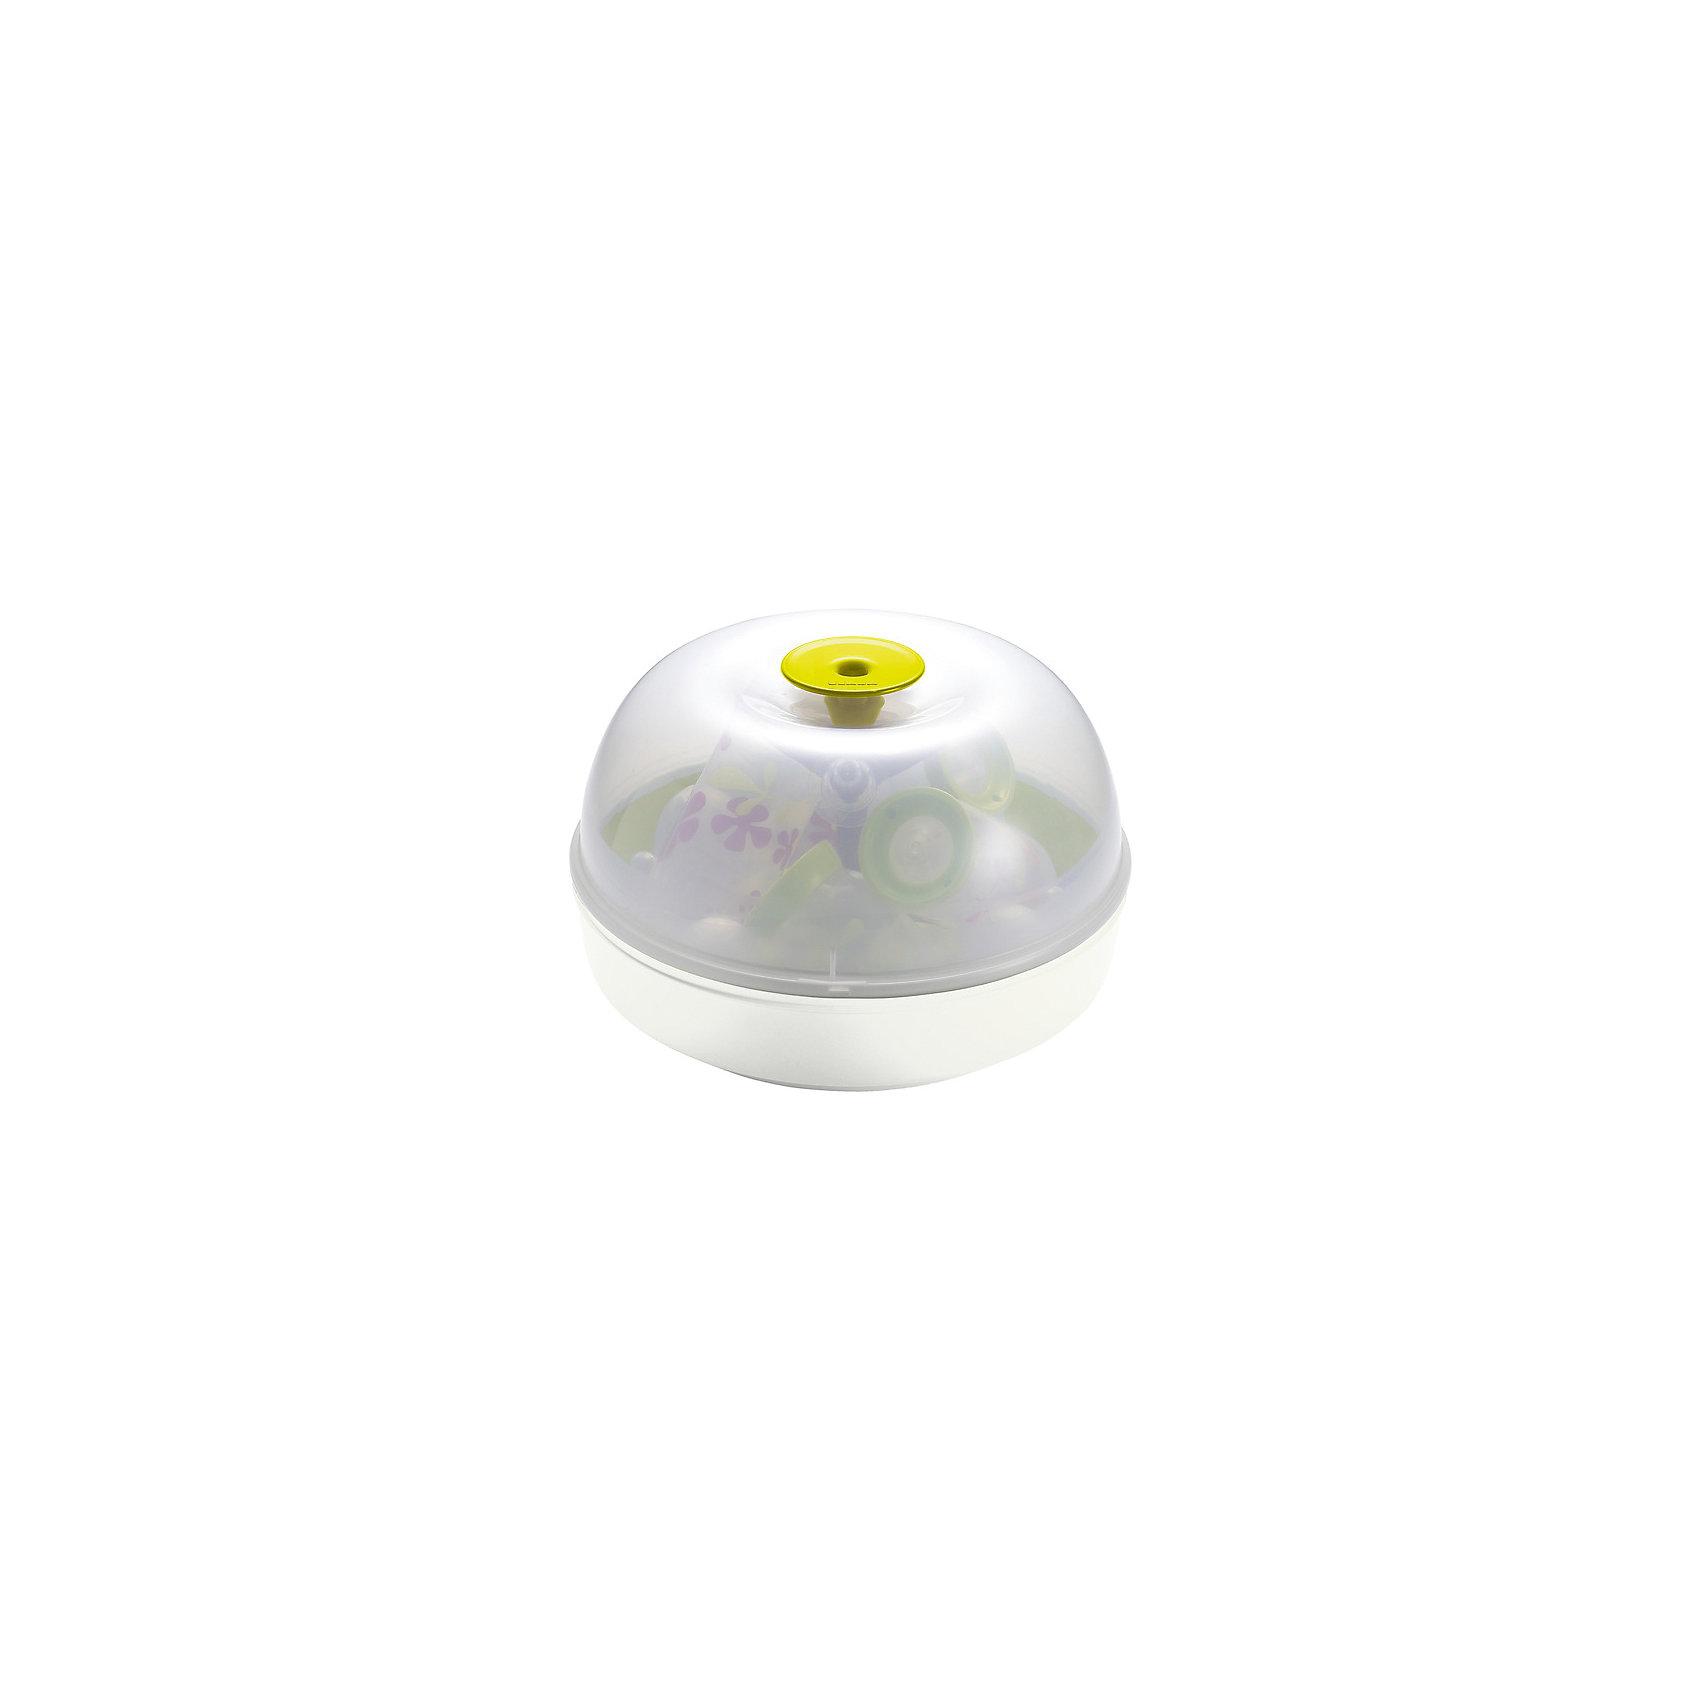 Стерилизатор (для микроволновой печи), Beaba, NEON от myToys